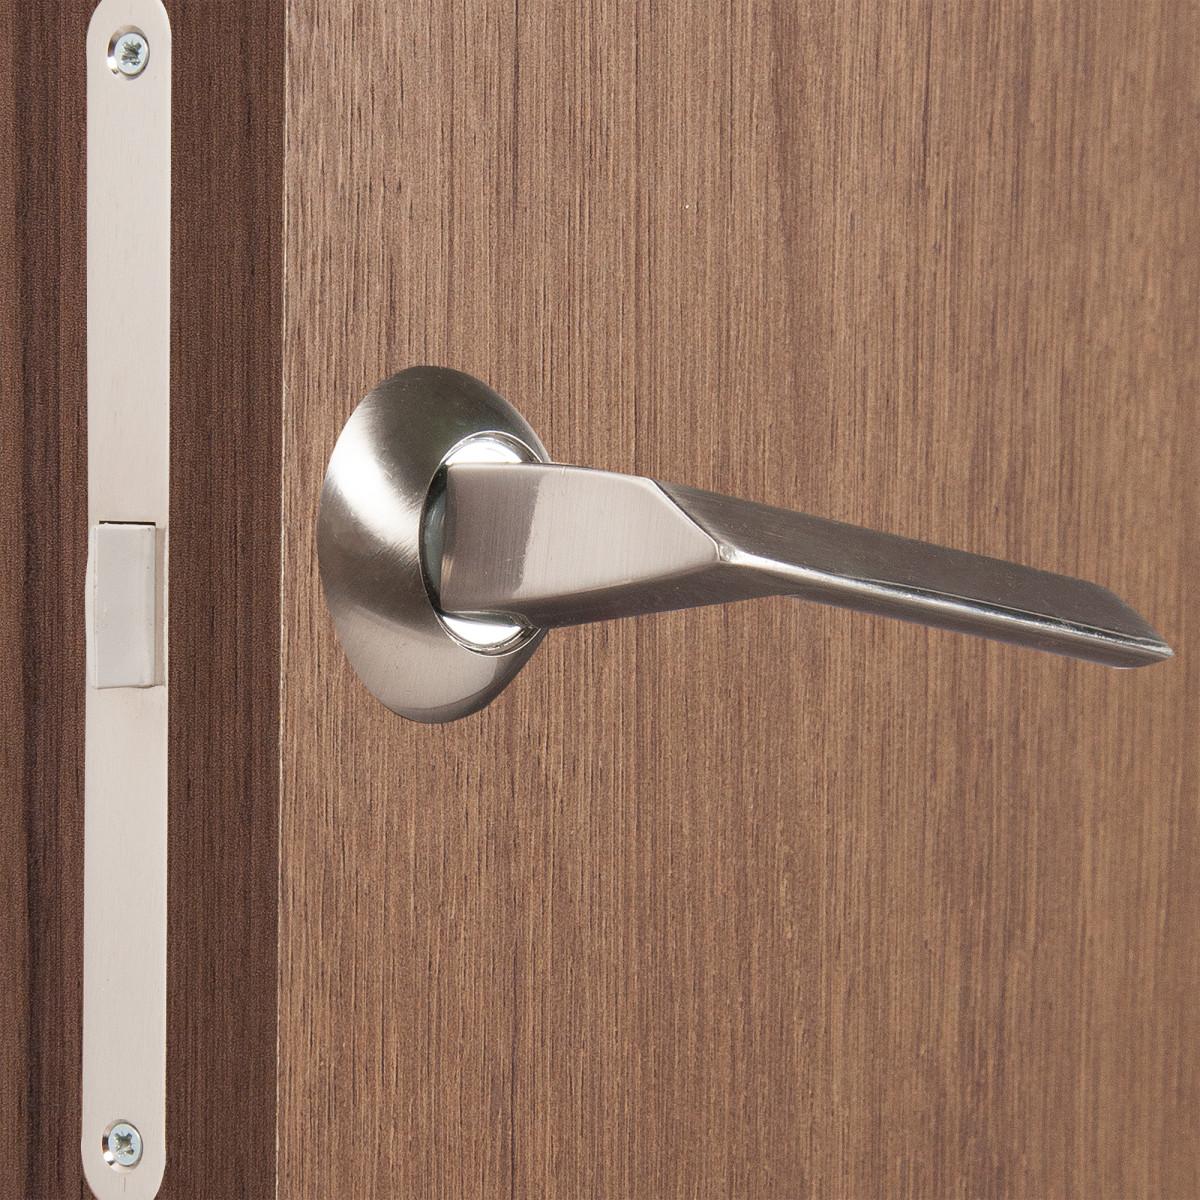 Дверь Межкомнатная Остеклённая 70x200 Ламинация Цвет Дуб Селект